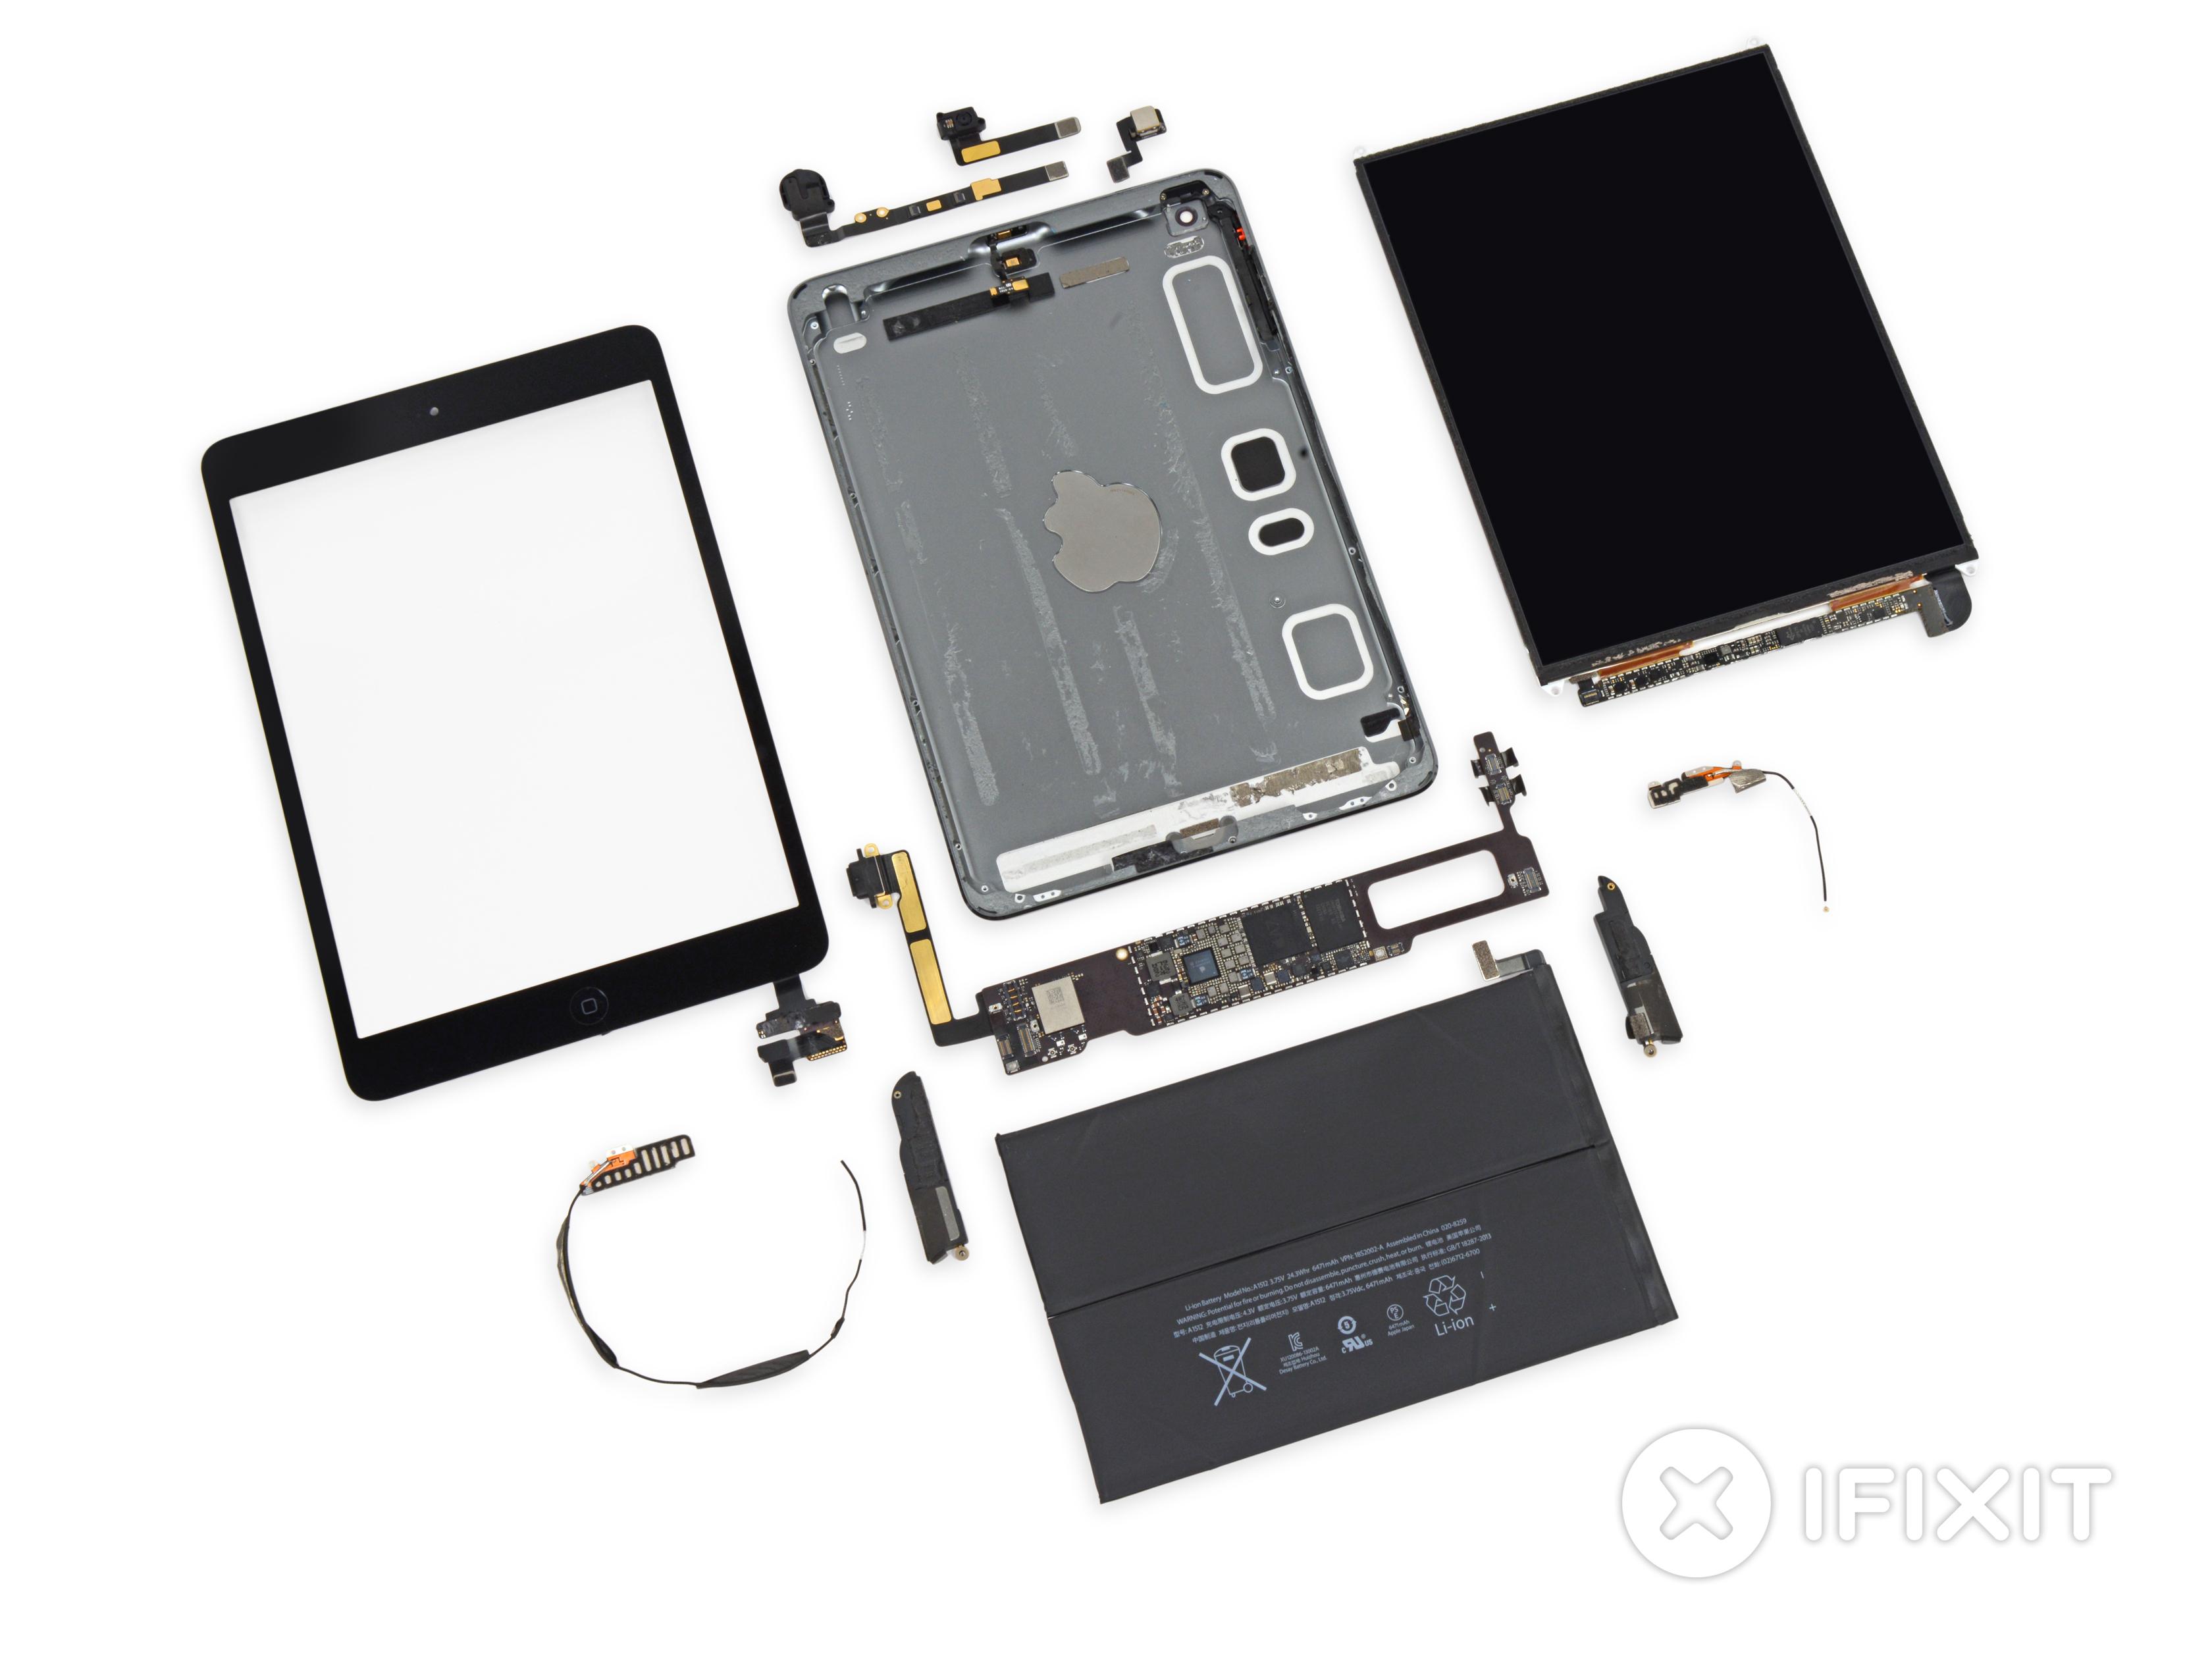 Ipad Mini 2 Teardown Ifixit Camera Wiring Diagram